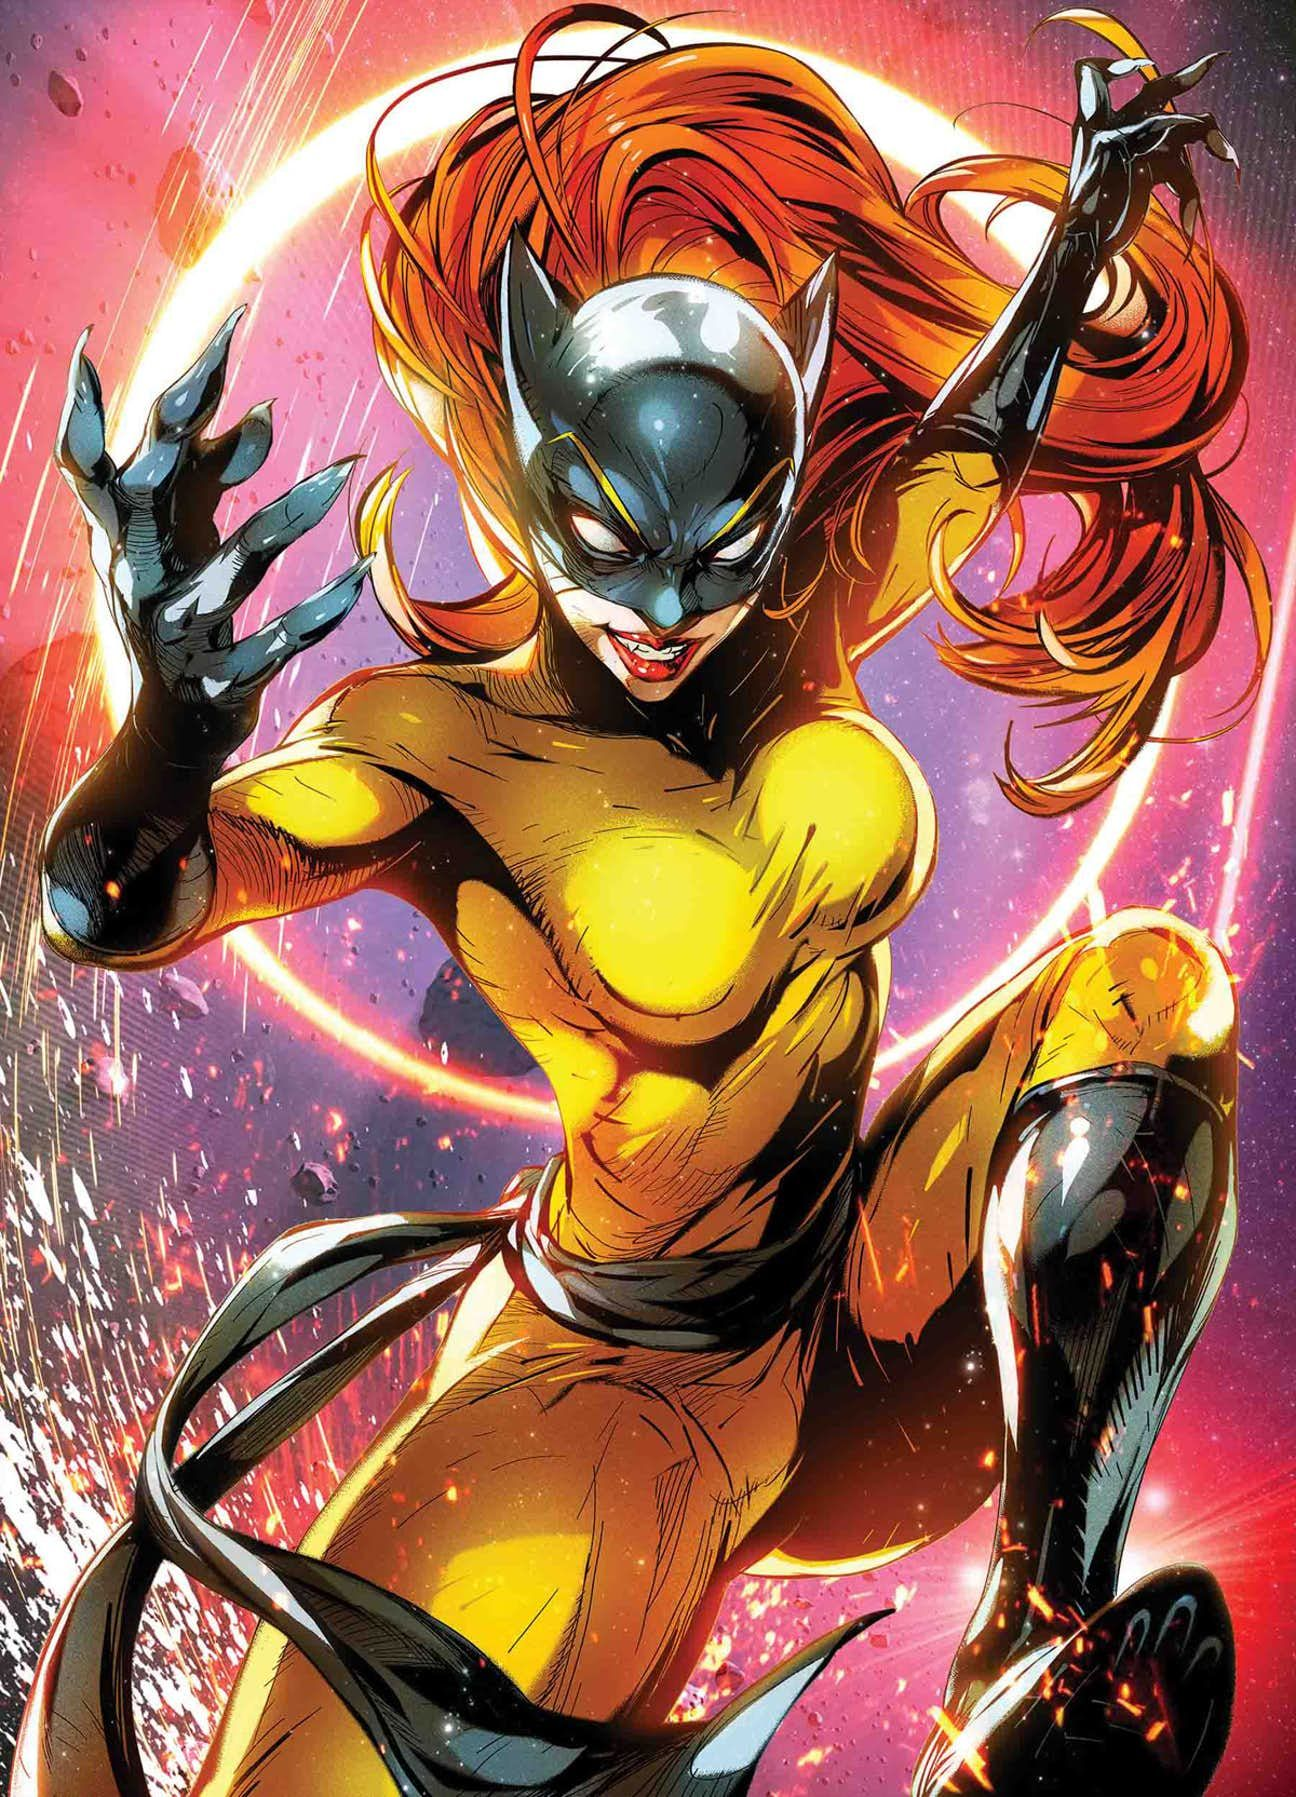 X-Men Red #9 Marvel Battle Lines Variant Cover - Hellcat by Jong-Ju Kim * |  Marvel heroines, Marvel comic universe, Marvel comic character